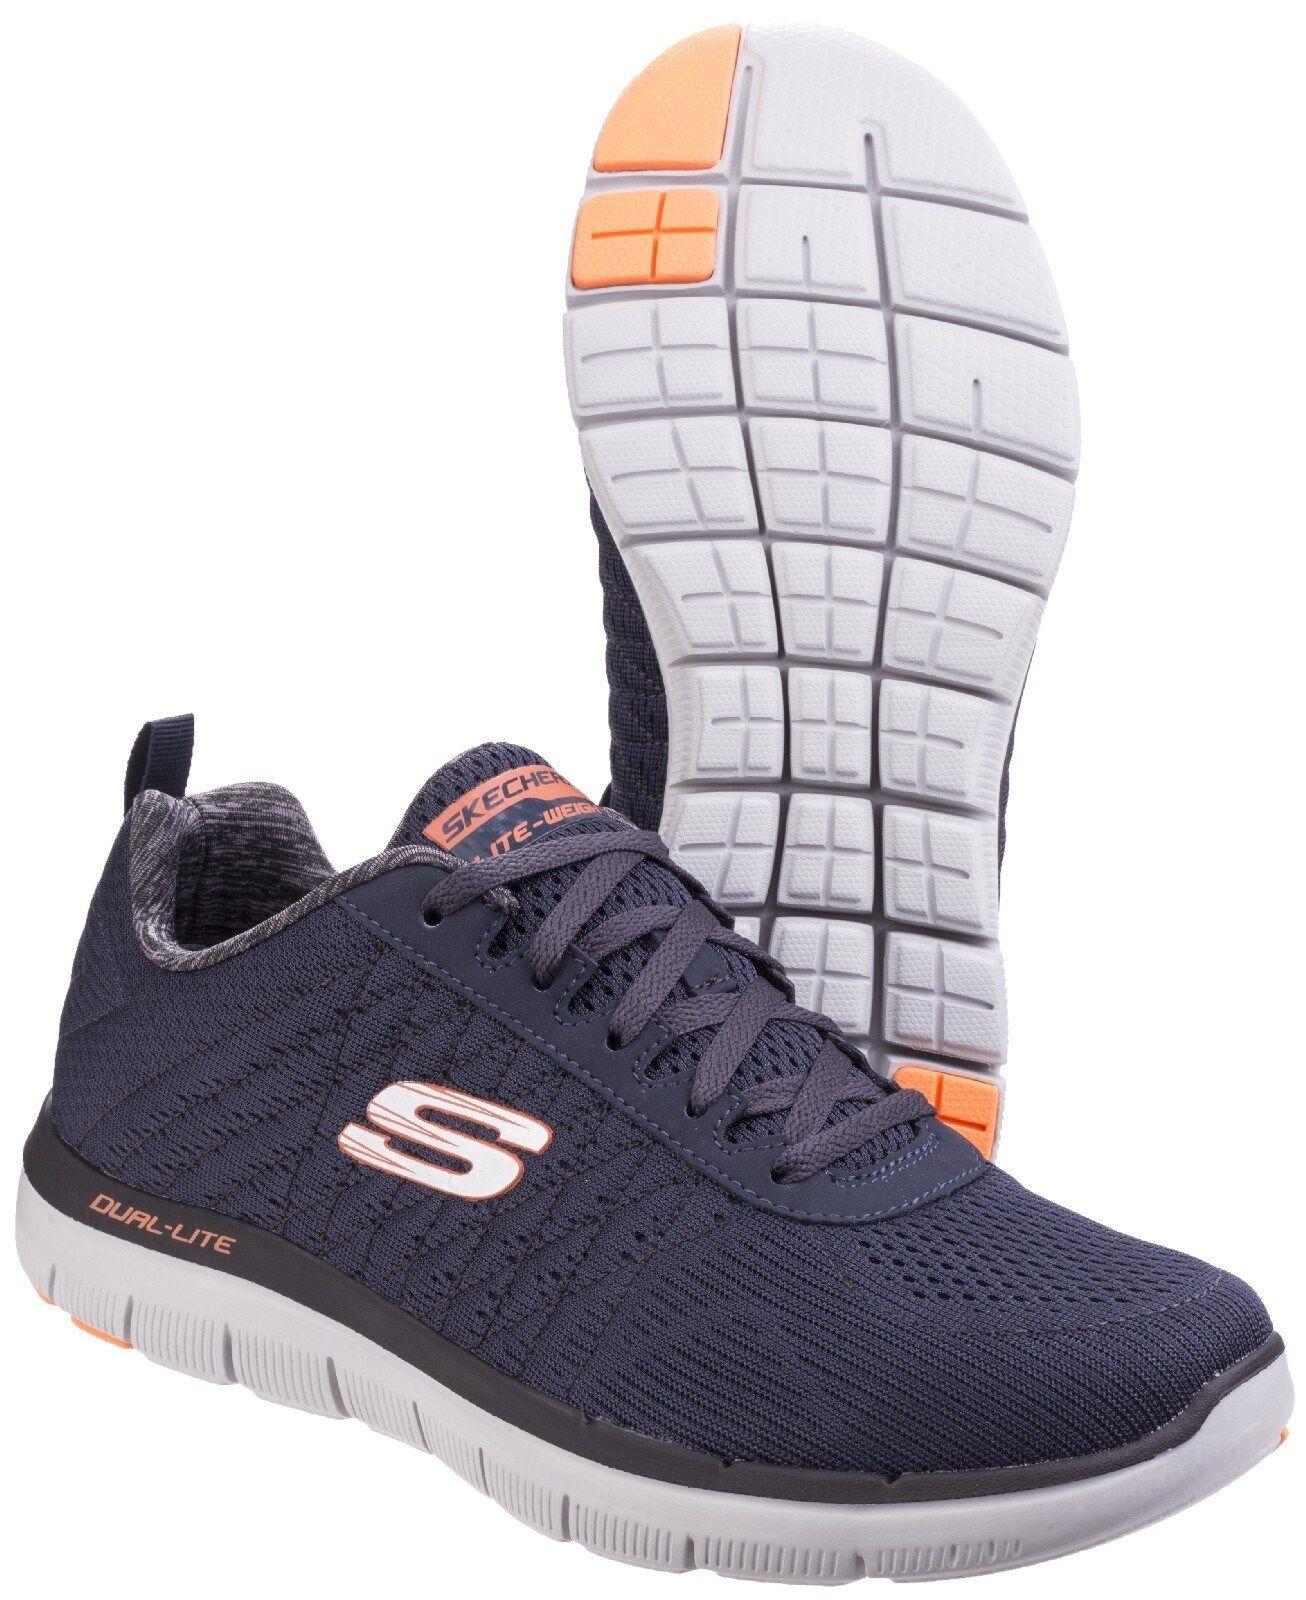 Skechers Flex Advantage 2.0 il happs Memory Memory Memory Foam Sportive Scarpe da Ginnastica Uomo UK6-12 608dae